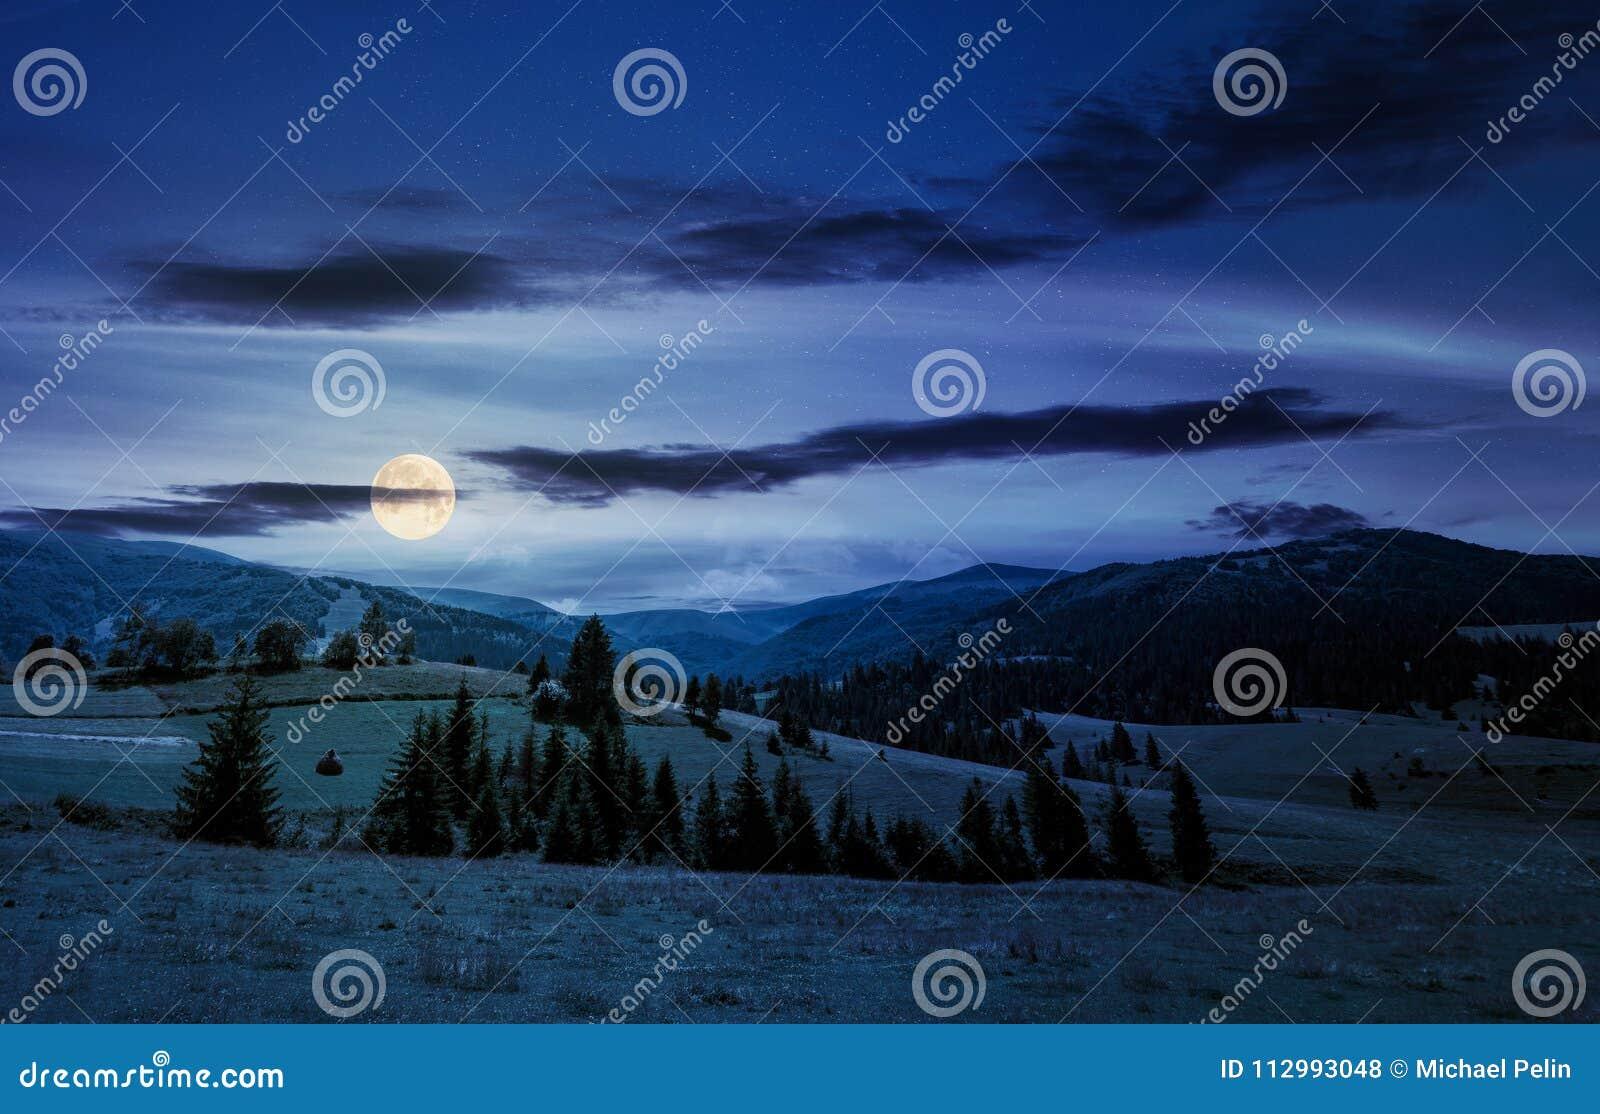 Piękny wsi lata krajobraz przy nocą